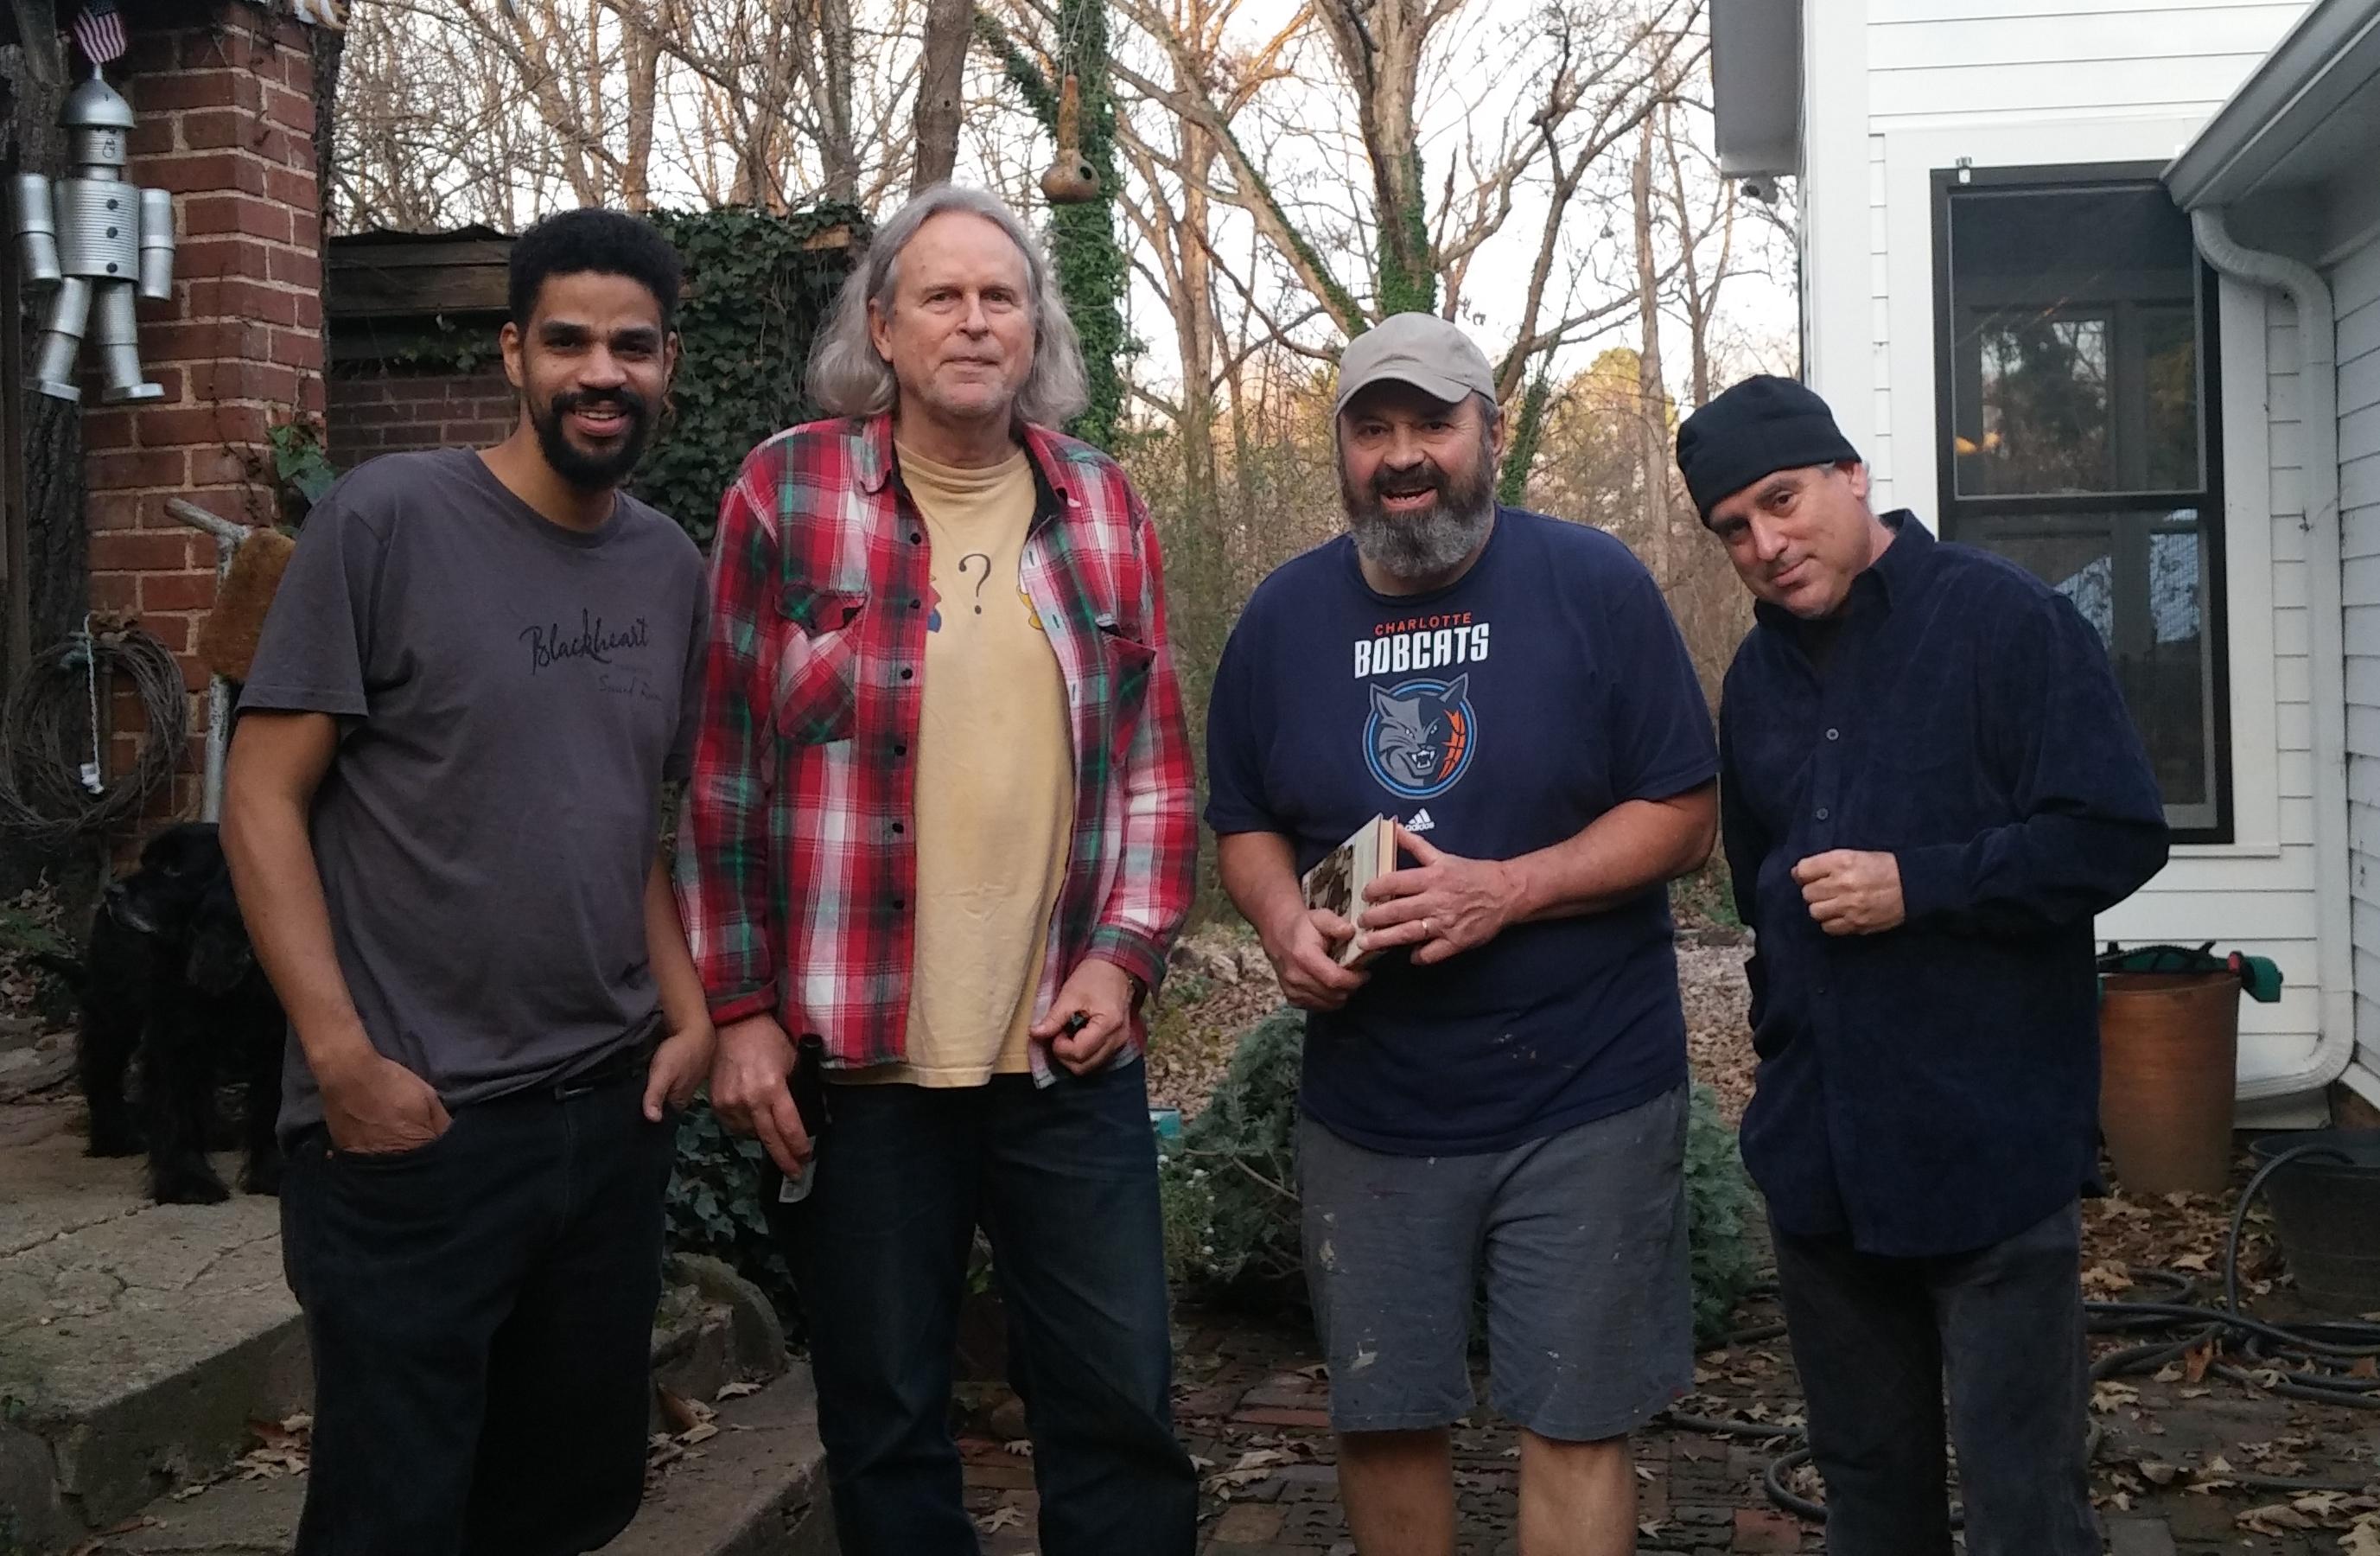 Dudley, Piephoff, Childers & Sawyer